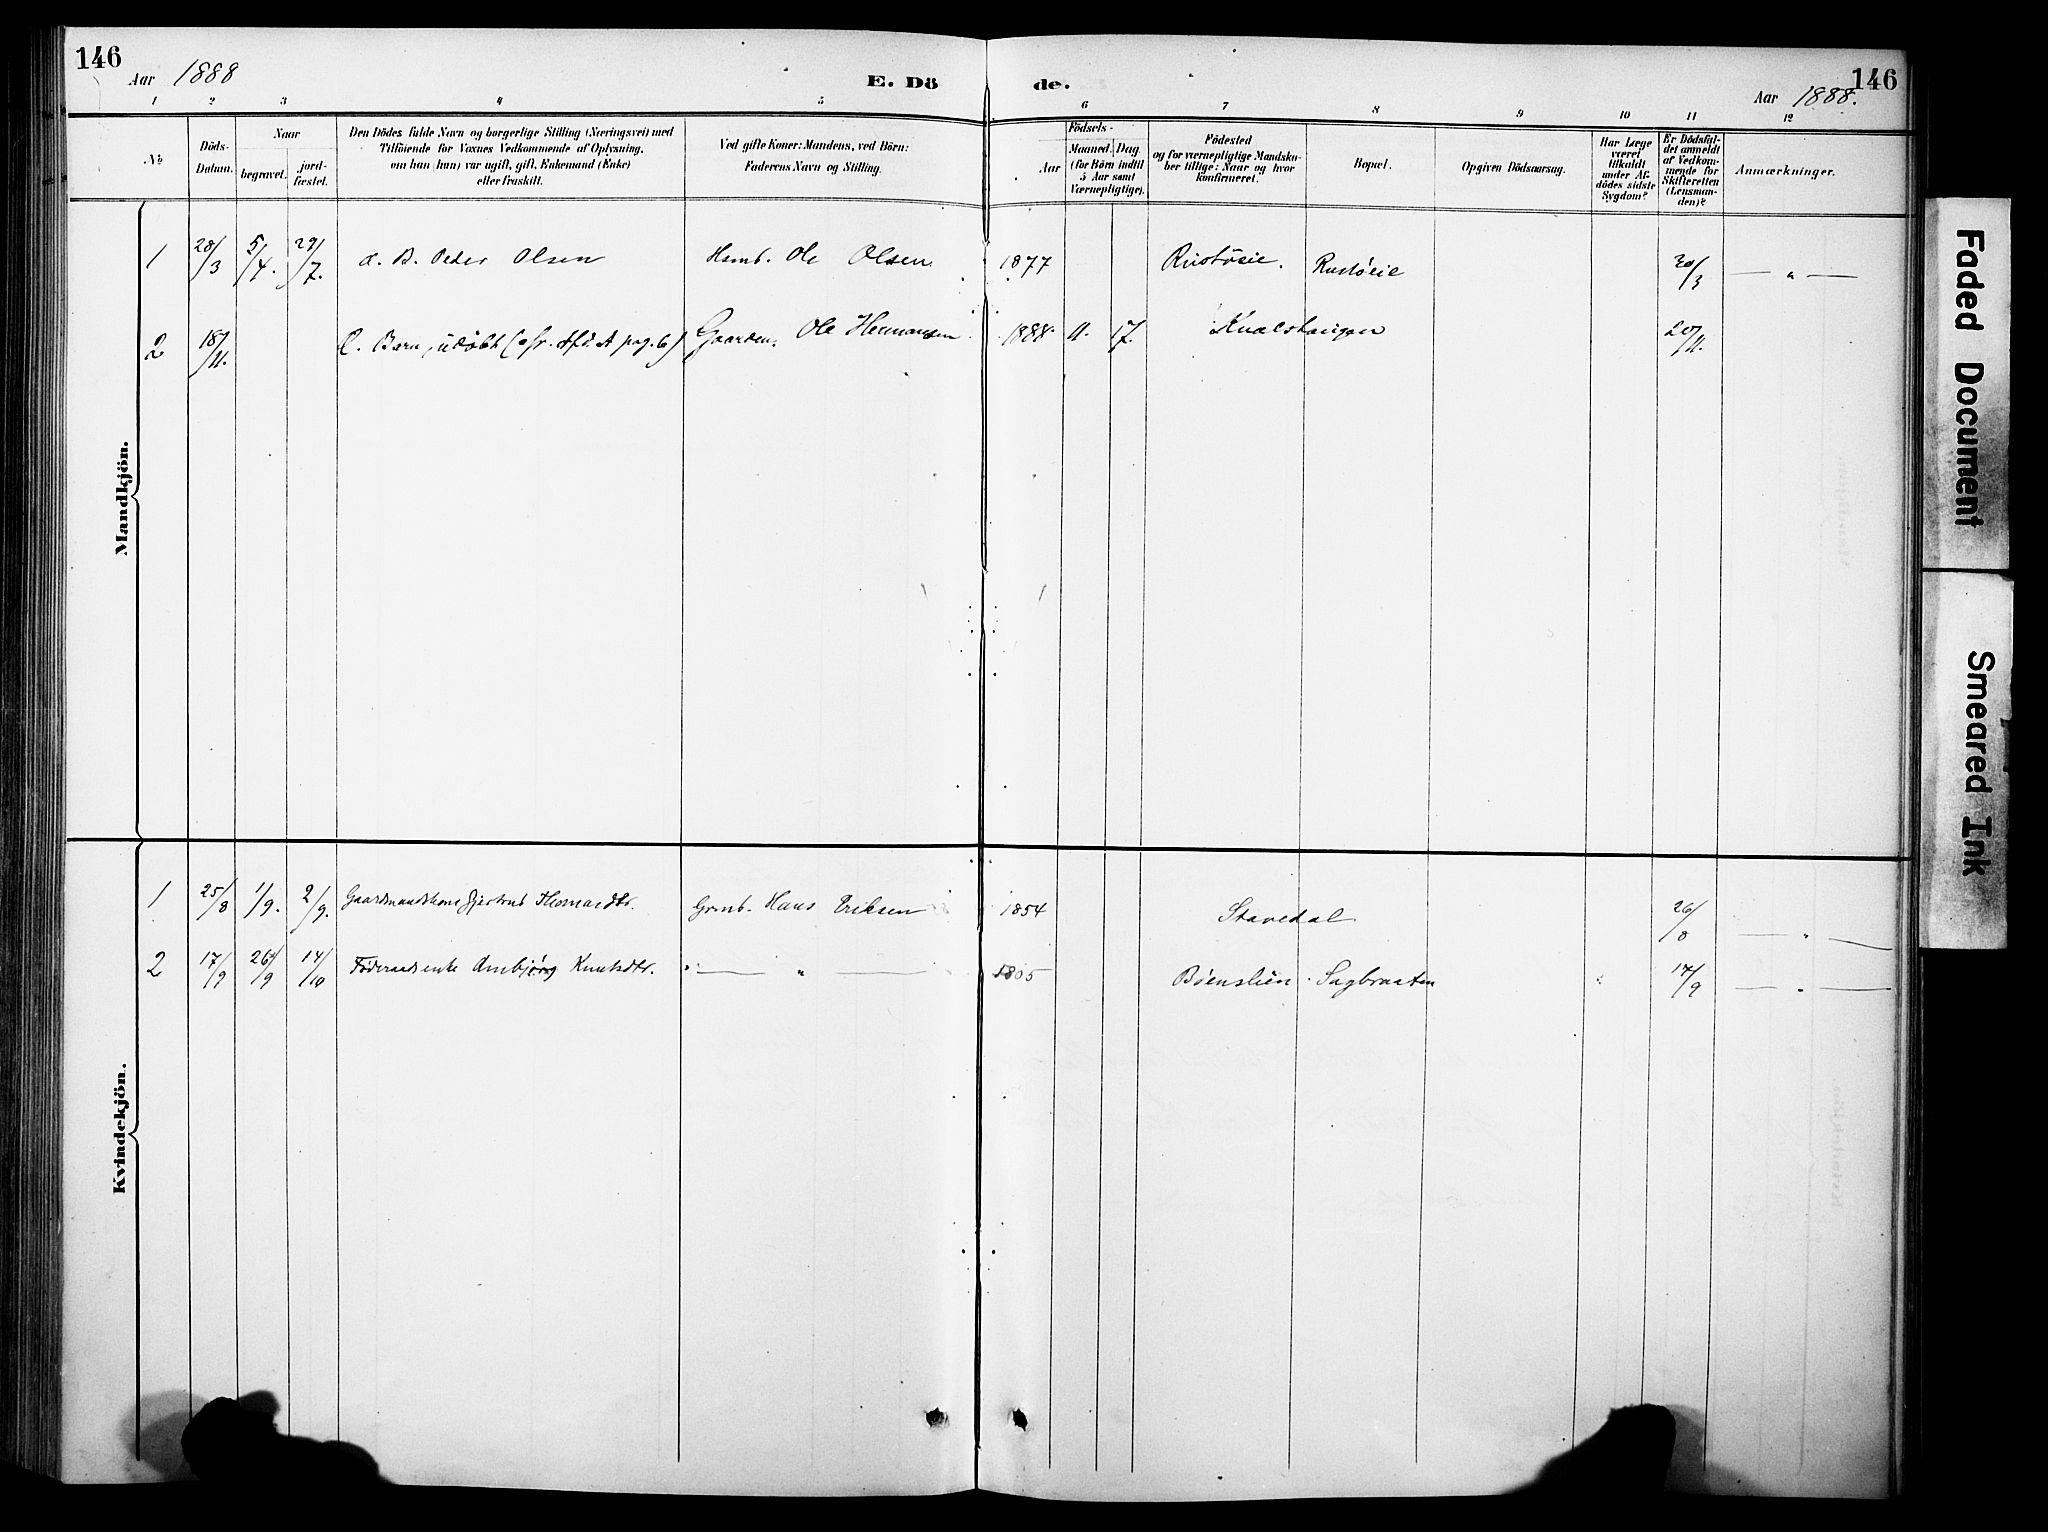 SAH, Sør-Aurdal prestekontor, Ministerialbok nr. 10, 1886-1906, s. 146